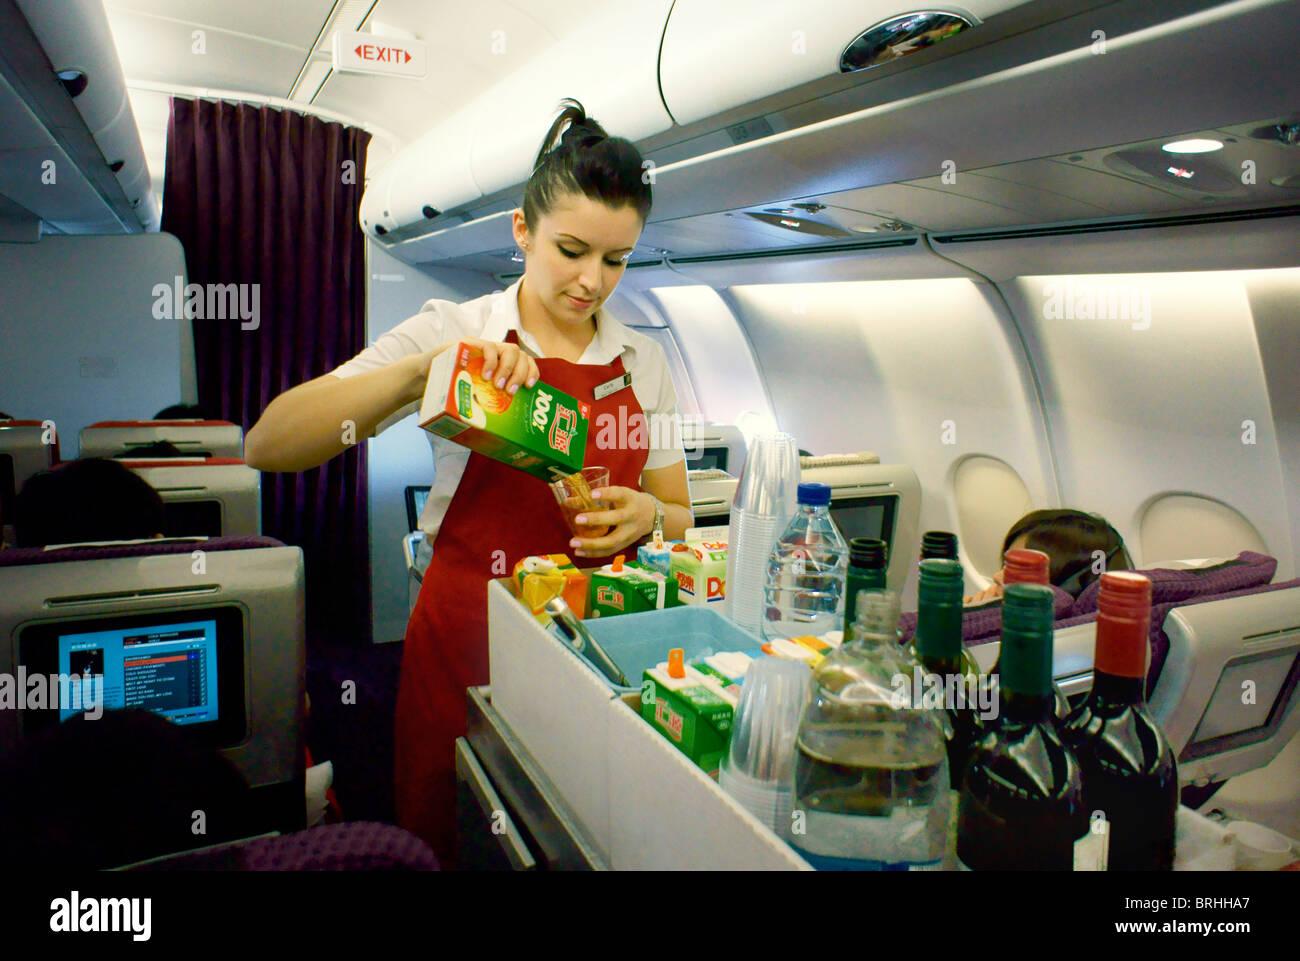 Aire azafata de vuelo de largo recorrido con alimentos bebidas pasillo carro en la noche Virgin Atlantic sirviendo Imagen De Stock